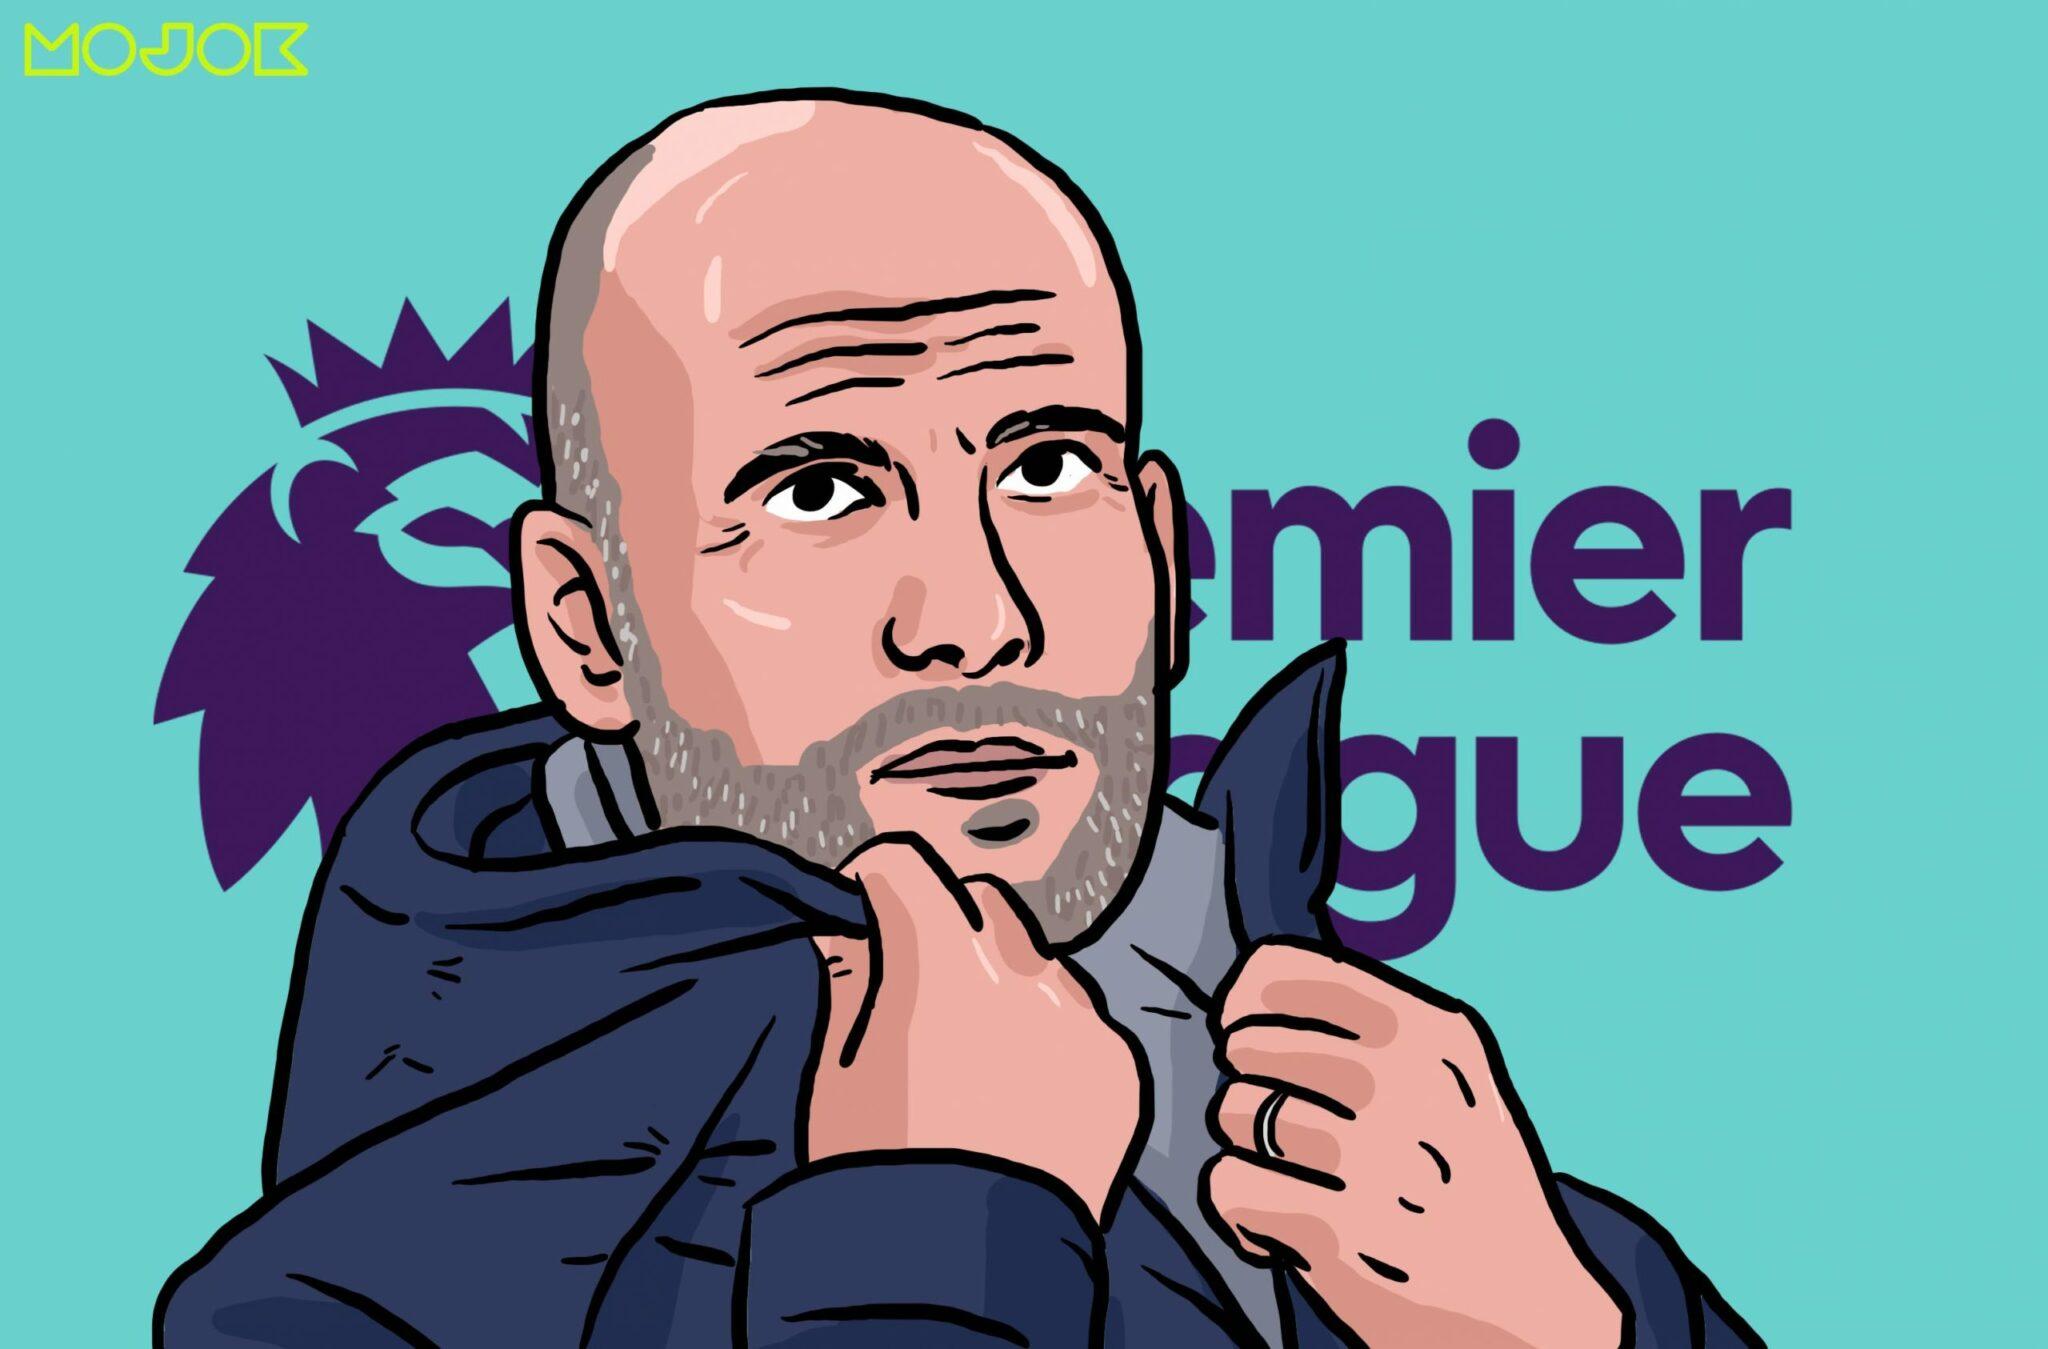 Menghitung Penghasilan Pep Guardiola, Pelatih dengan Gaji Tertinggi di Liga Inggris